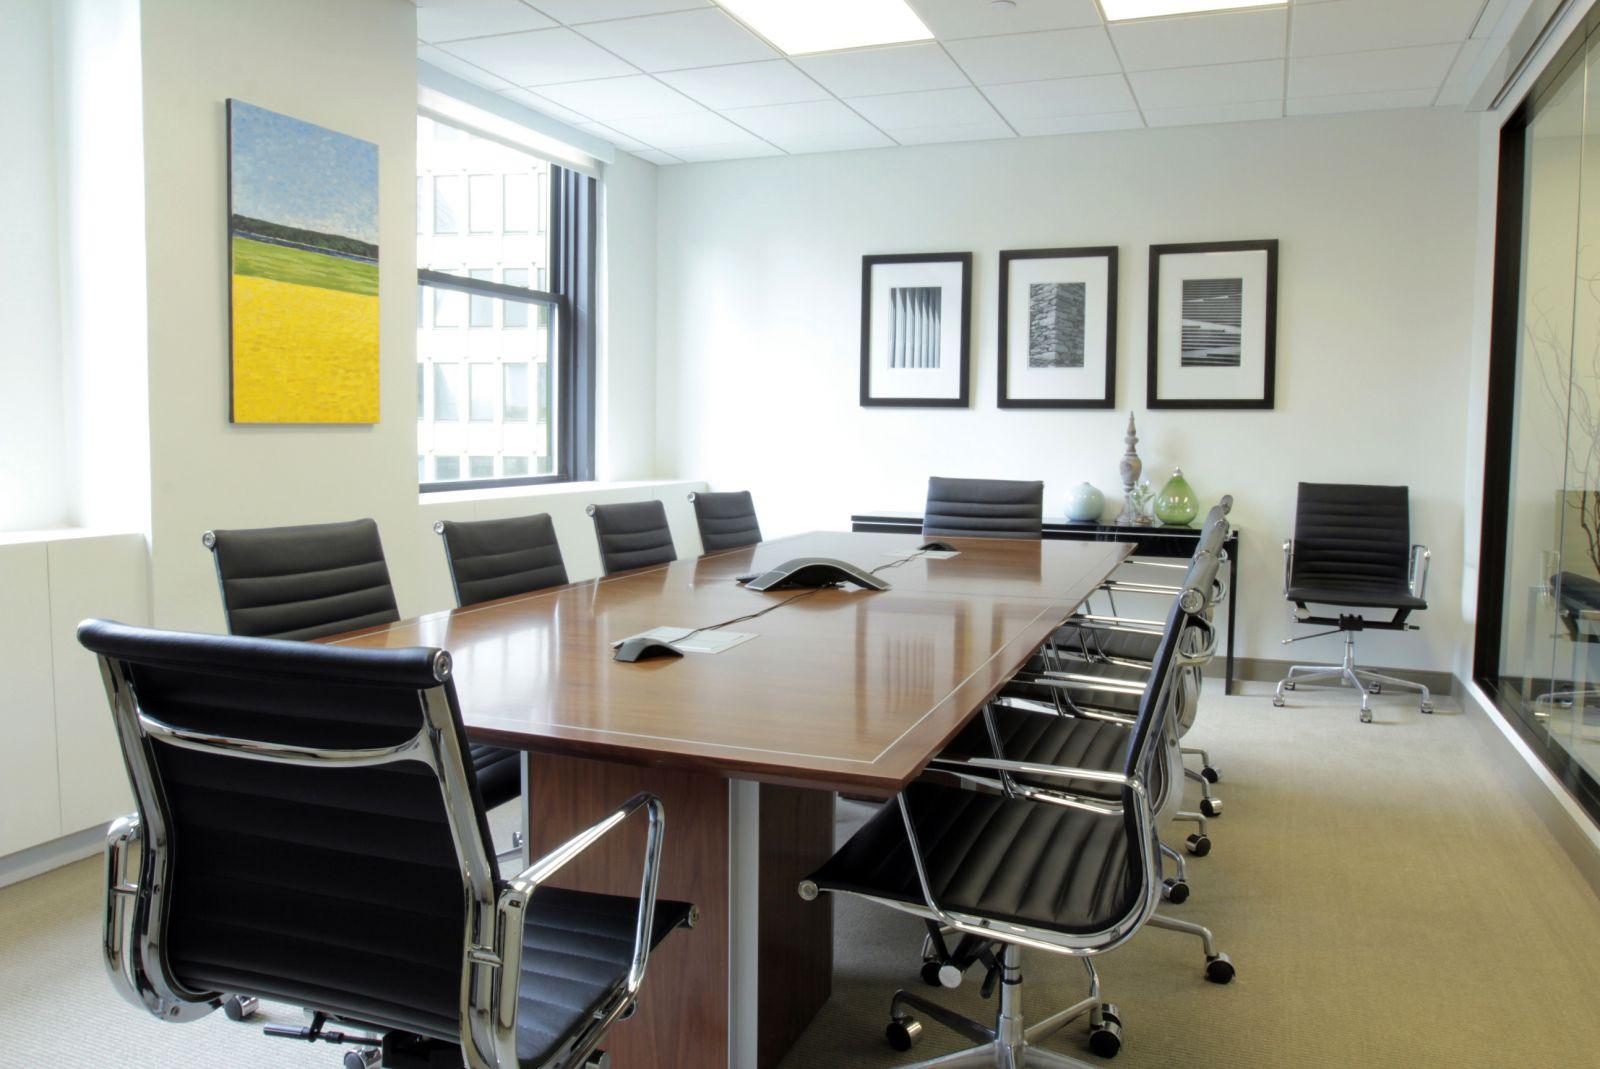 Dịch vụ thuê phòng họp trong Văn phòng cho thuê trọn gói